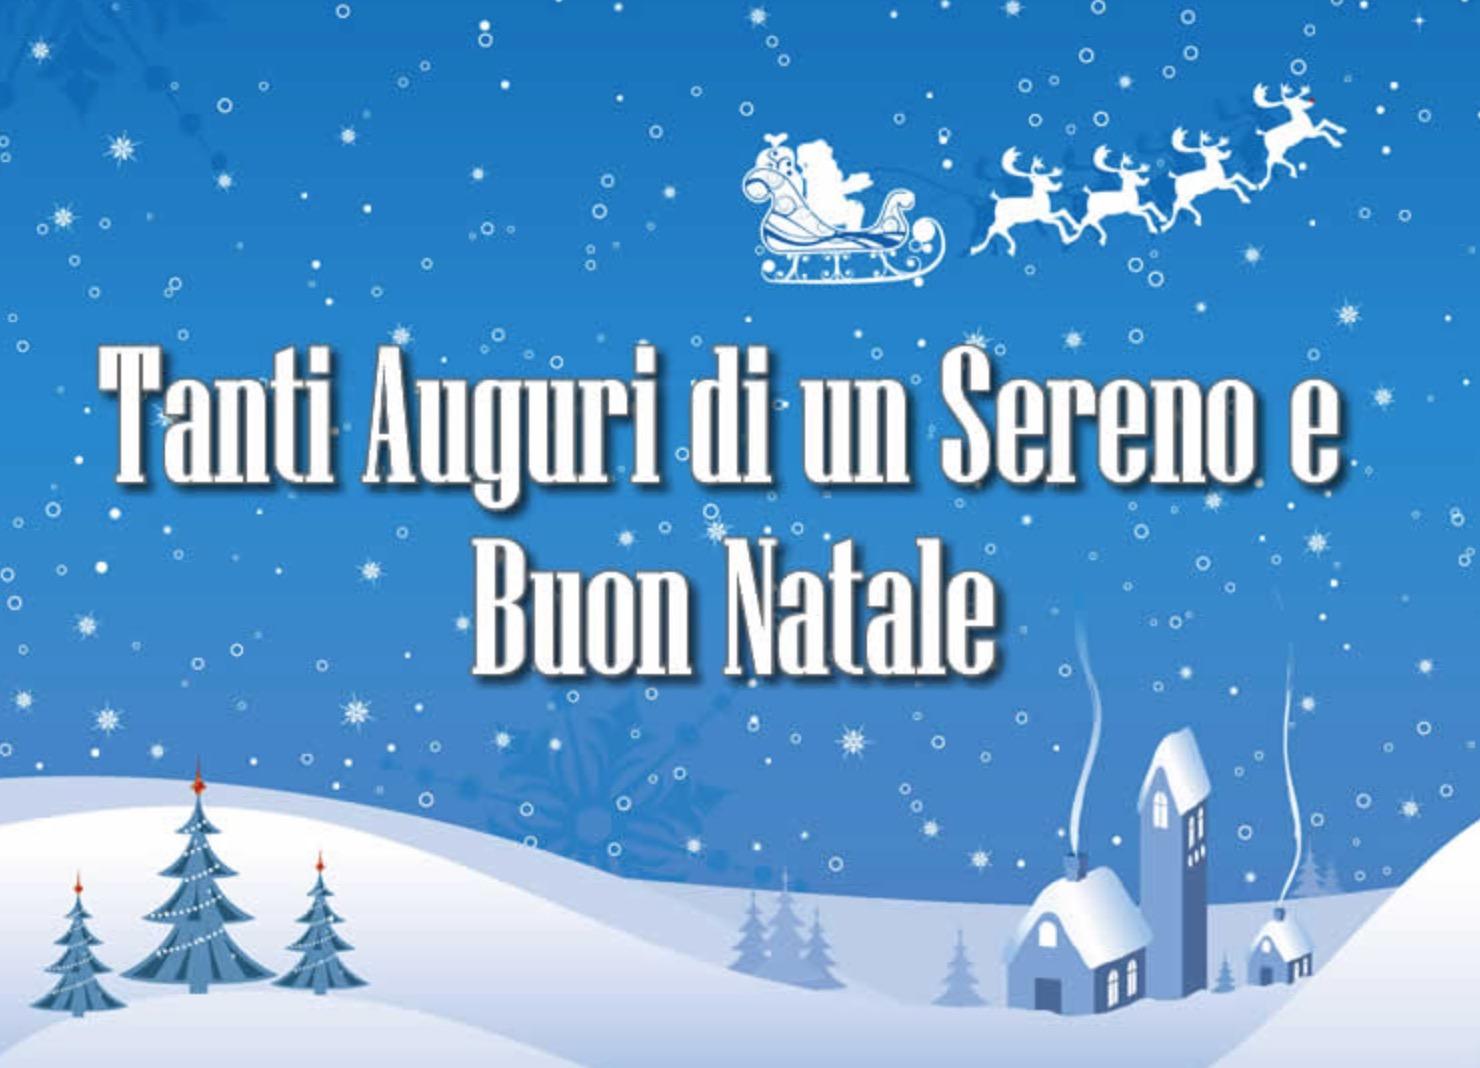 Auguro Un Buon Natale.Immagini Buon Natale 2019 Auguri Whatsapp Instagram E Facebook